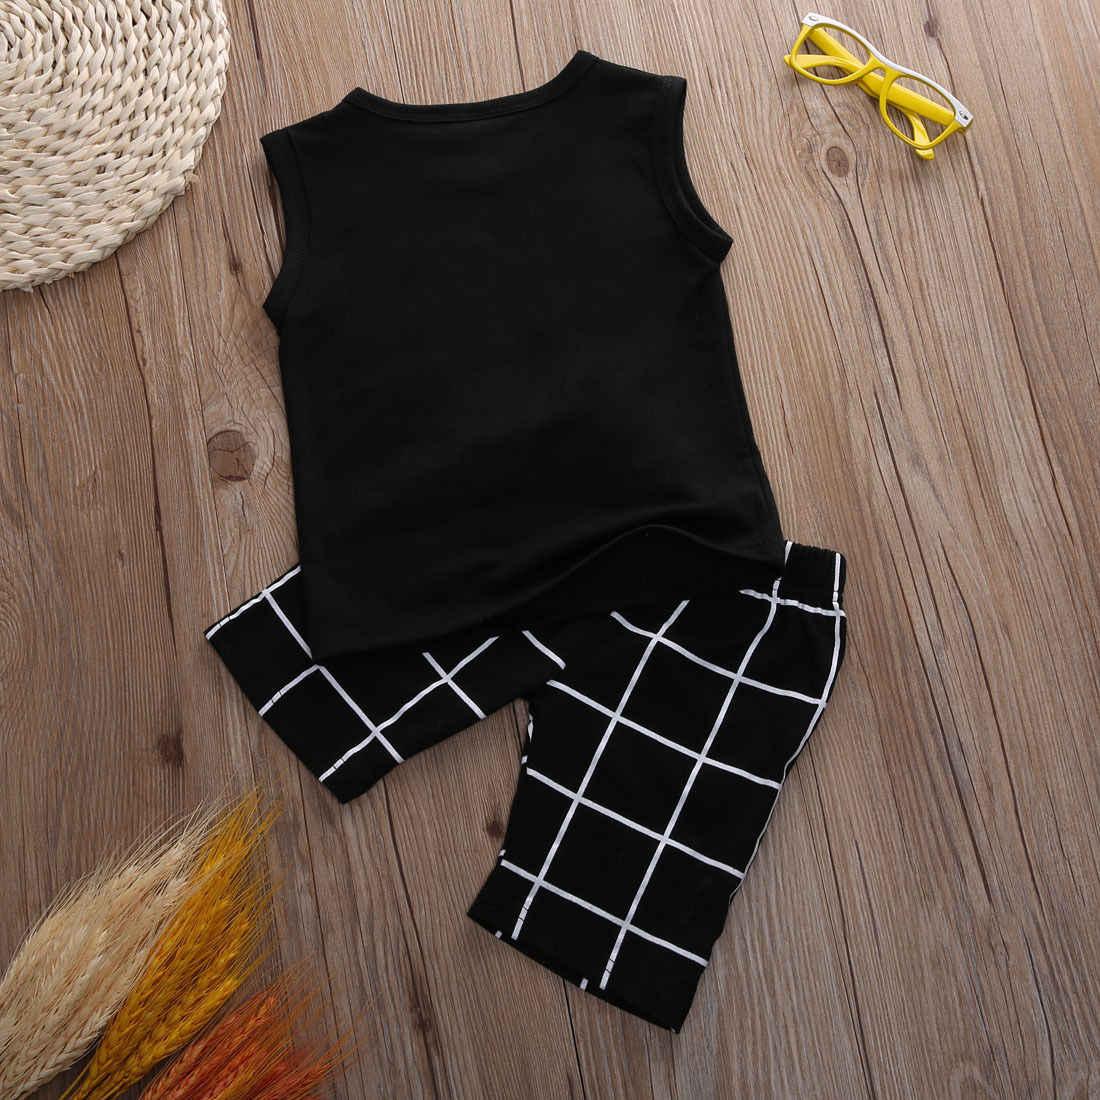 2 piezas niño recién nacido niños bebé sin mangas ropa Casual camiseta Tops pantalones conjuntos